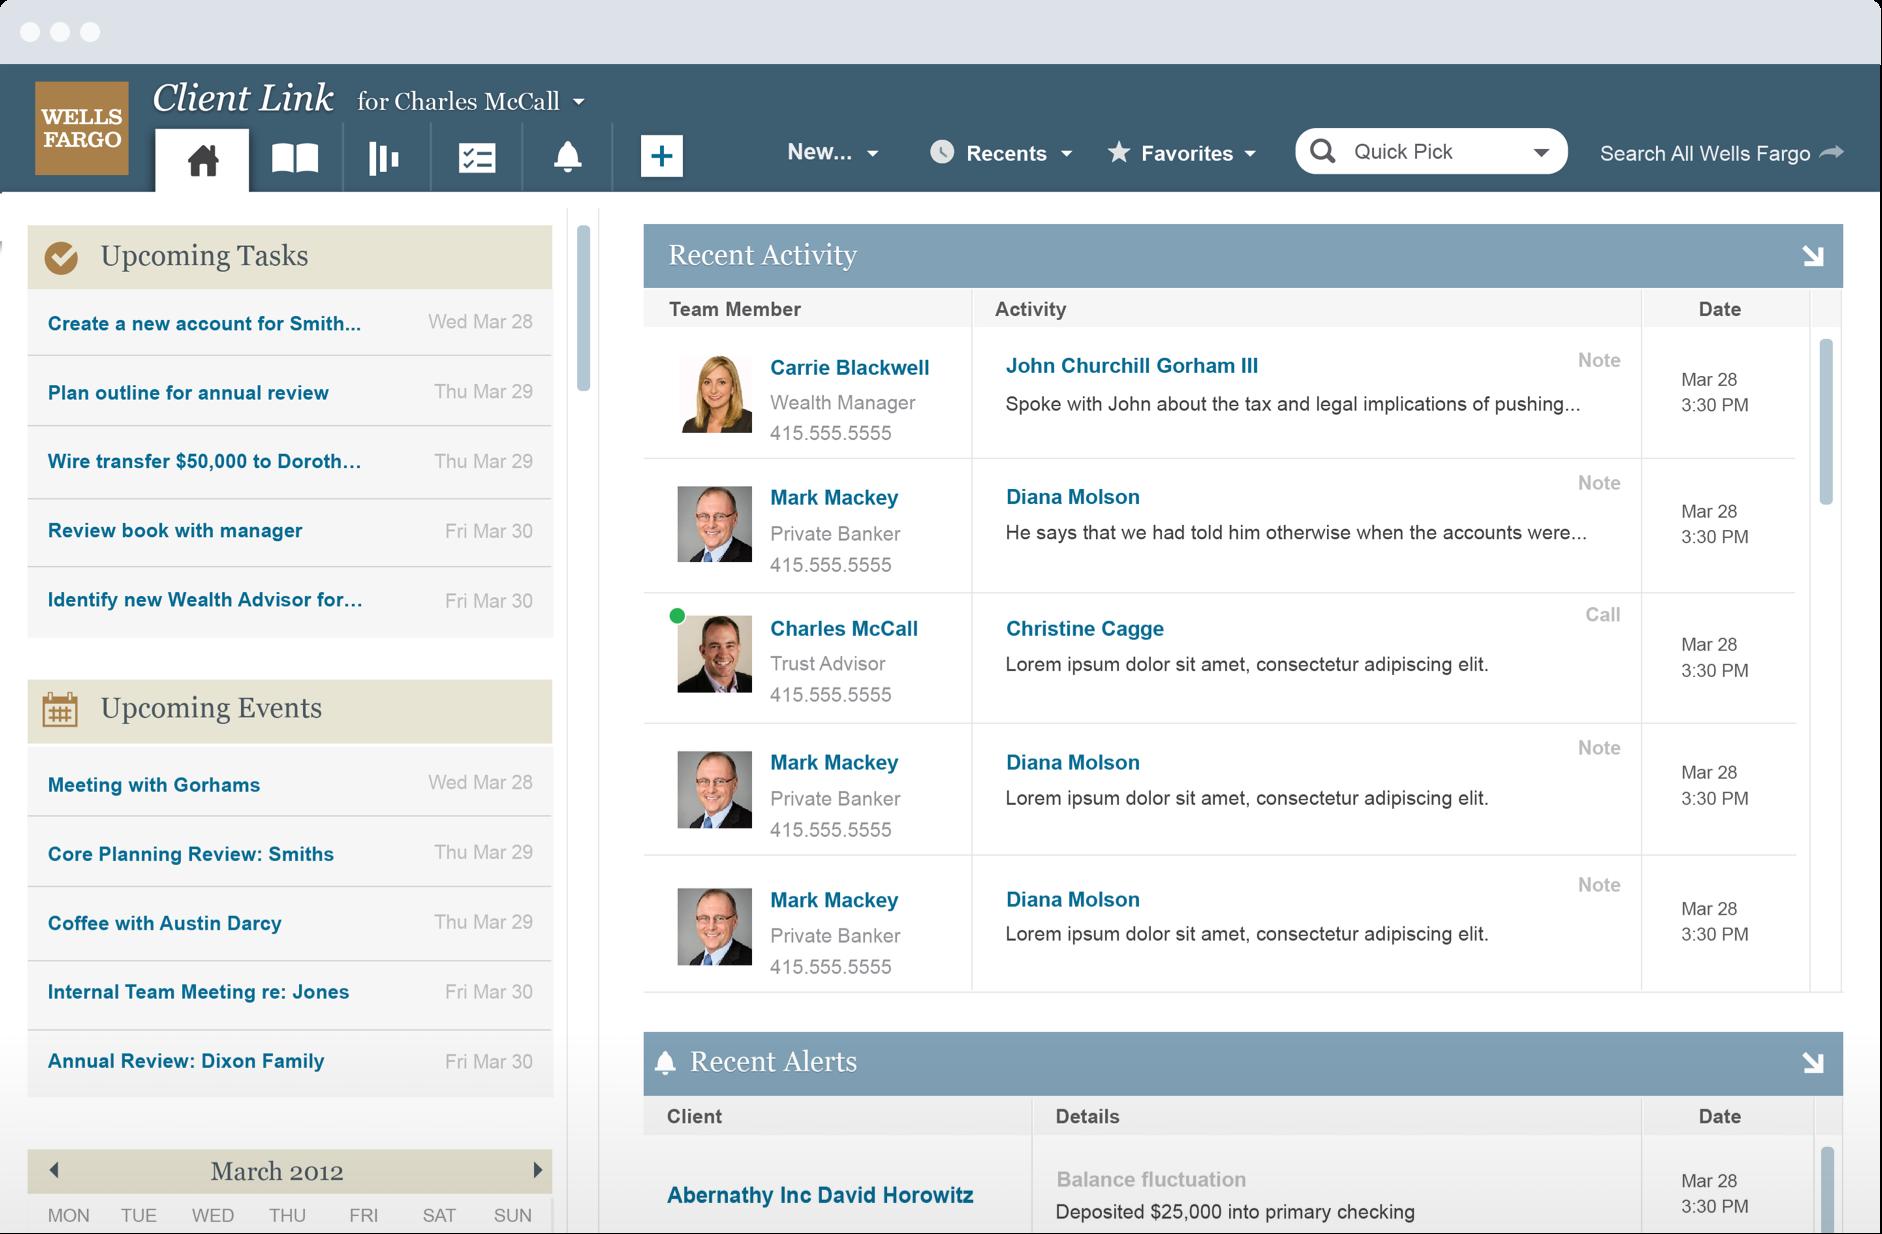 Wells Fargo Client Link CRM